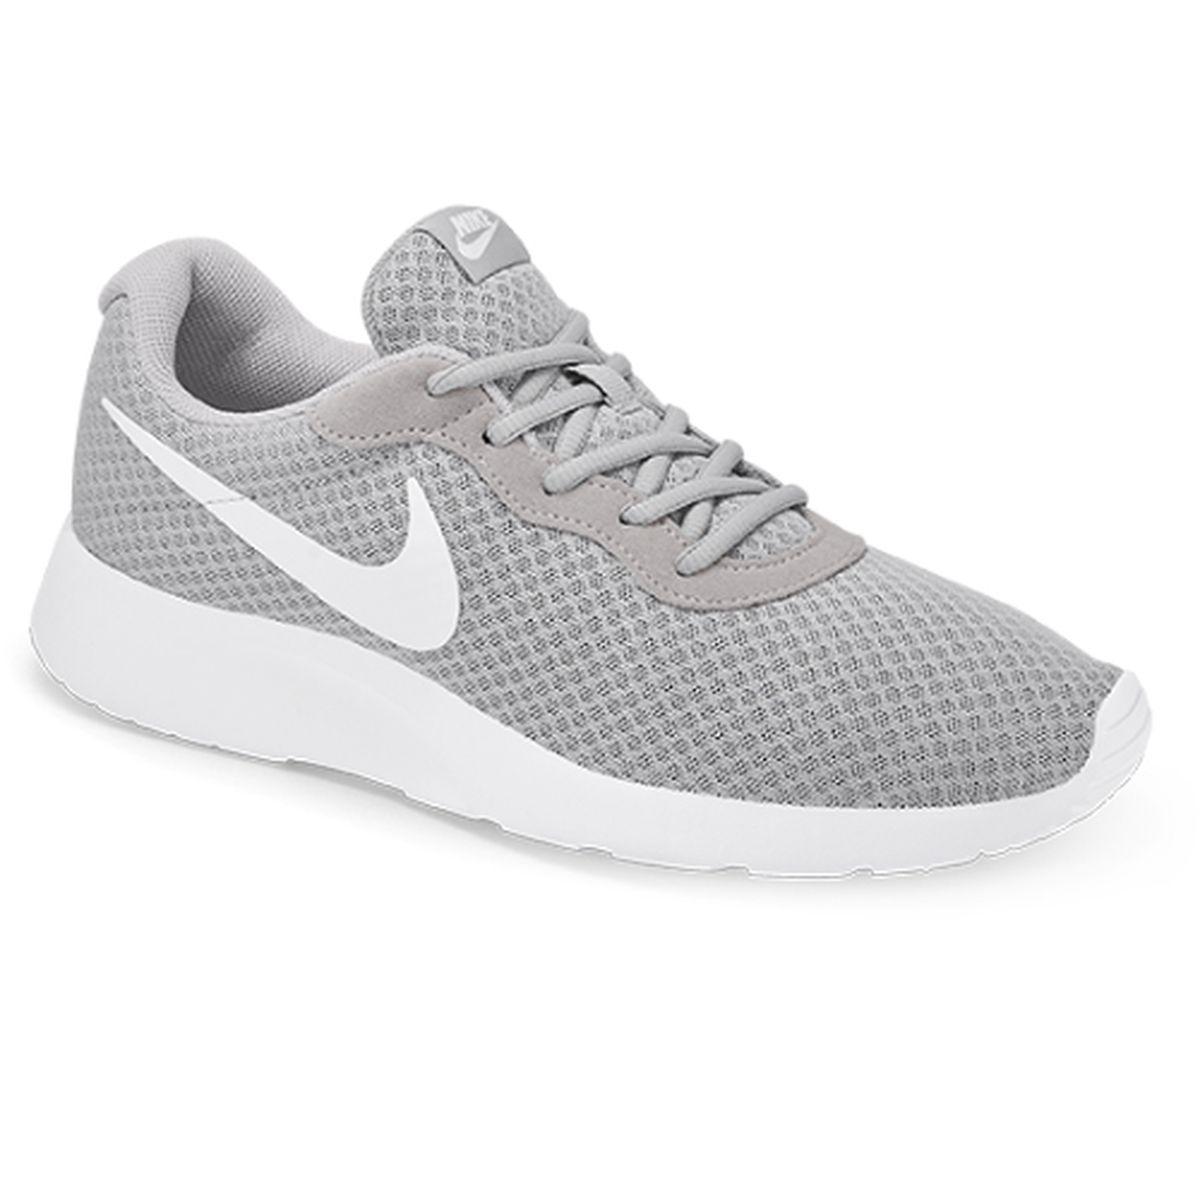 Tenis para Hombre Nike 54010 Color Gris/blanco